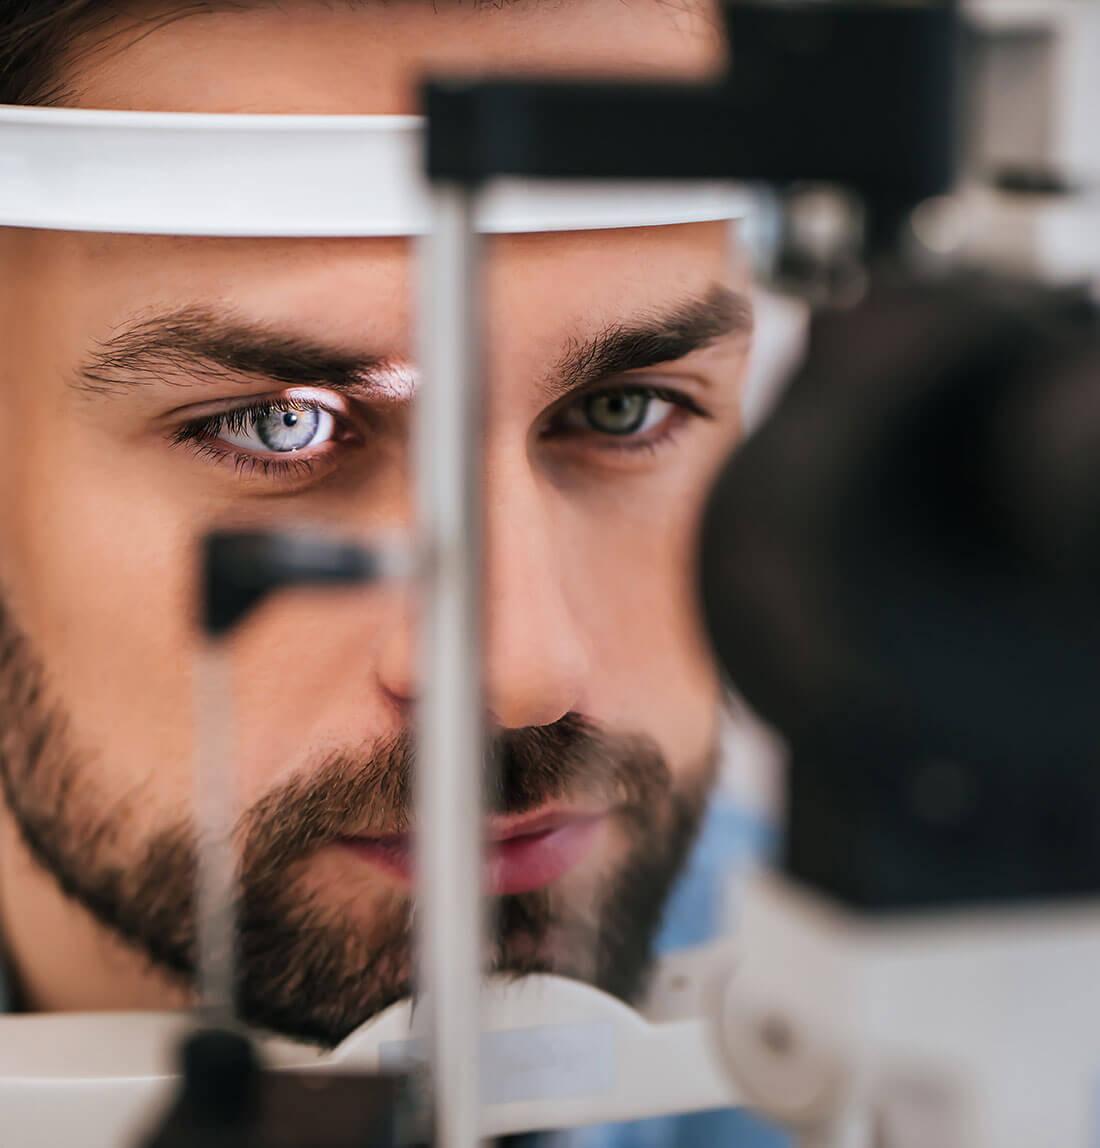 Man with tonometer during eye test